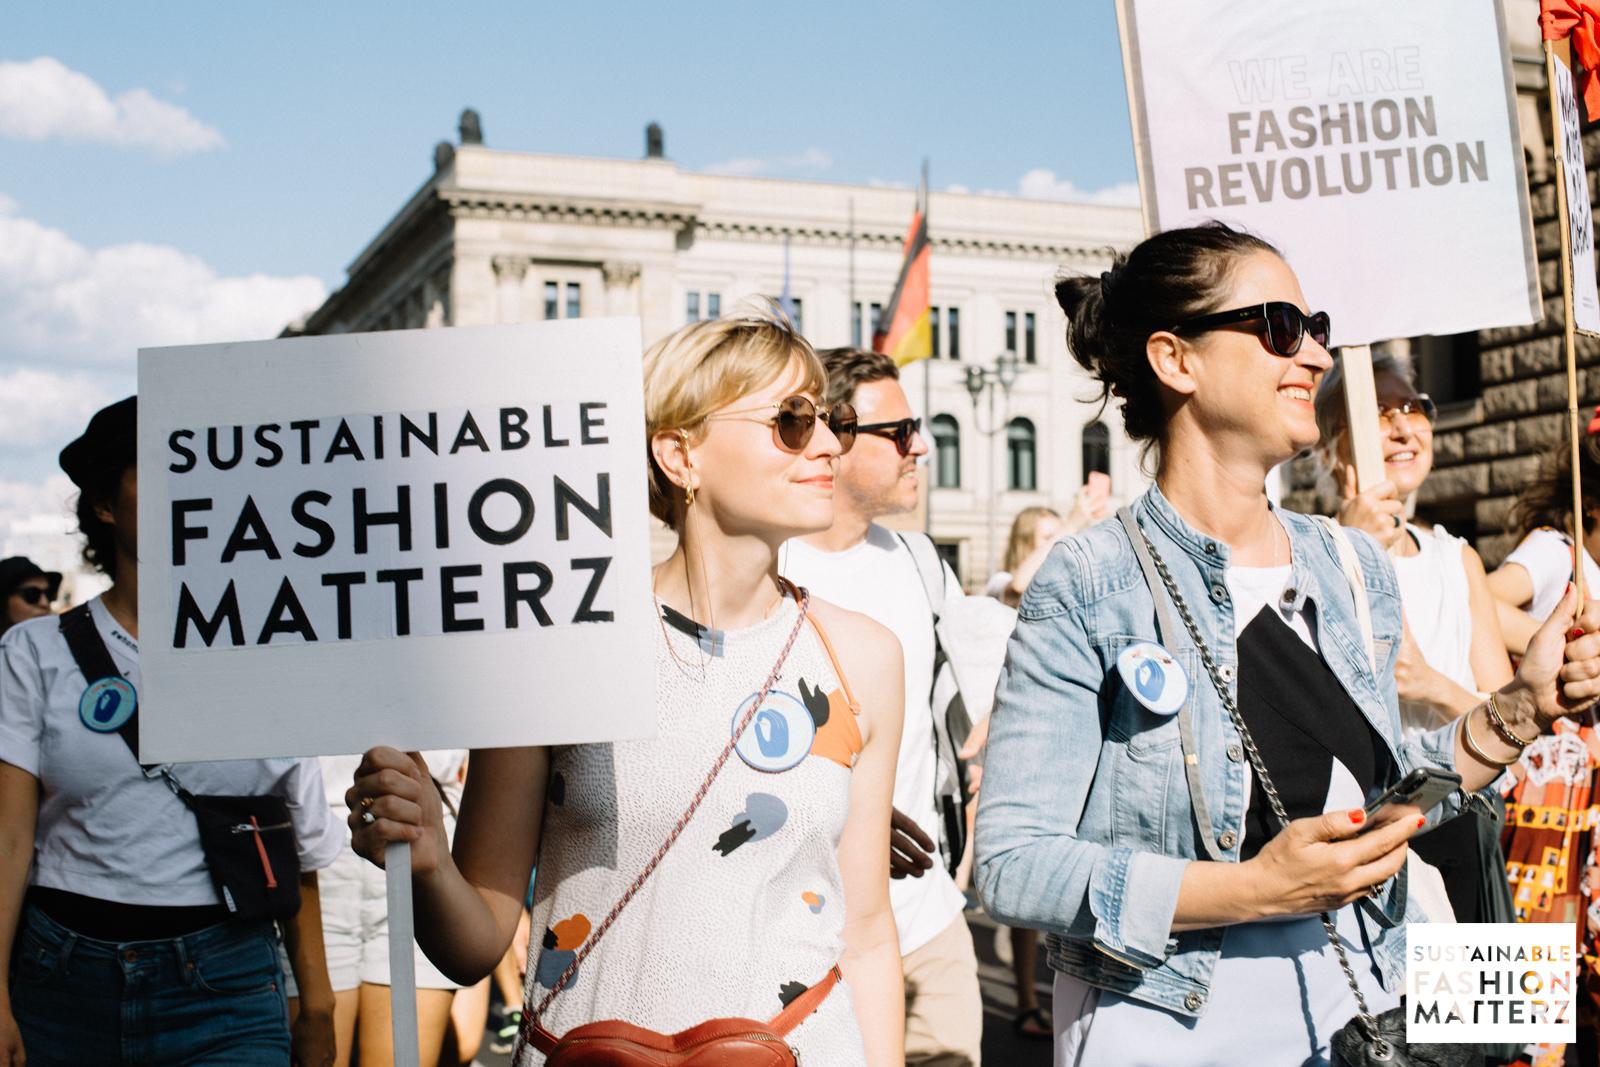 fashion-revolution-berlin-2019-81.jpg